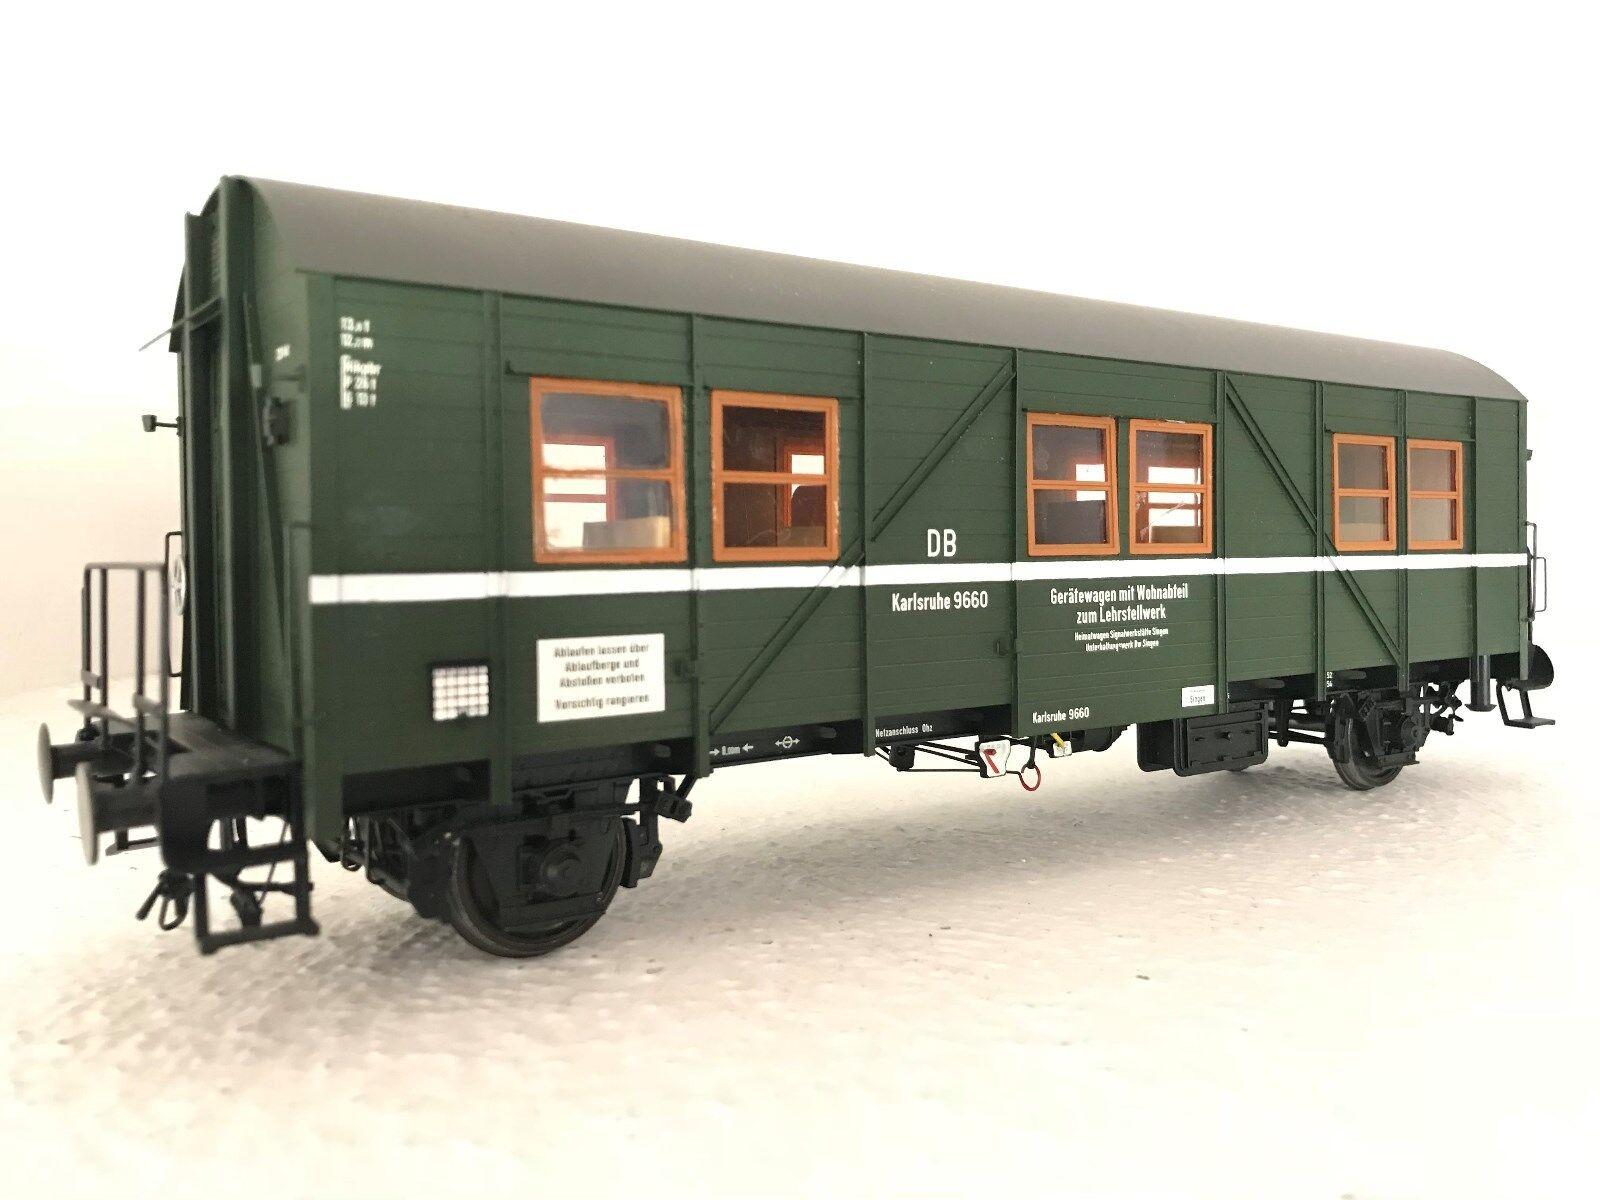 Dingler Traccia 1 Mci 43 I-117/4 Vagone di Costruzione Verde Db 9609